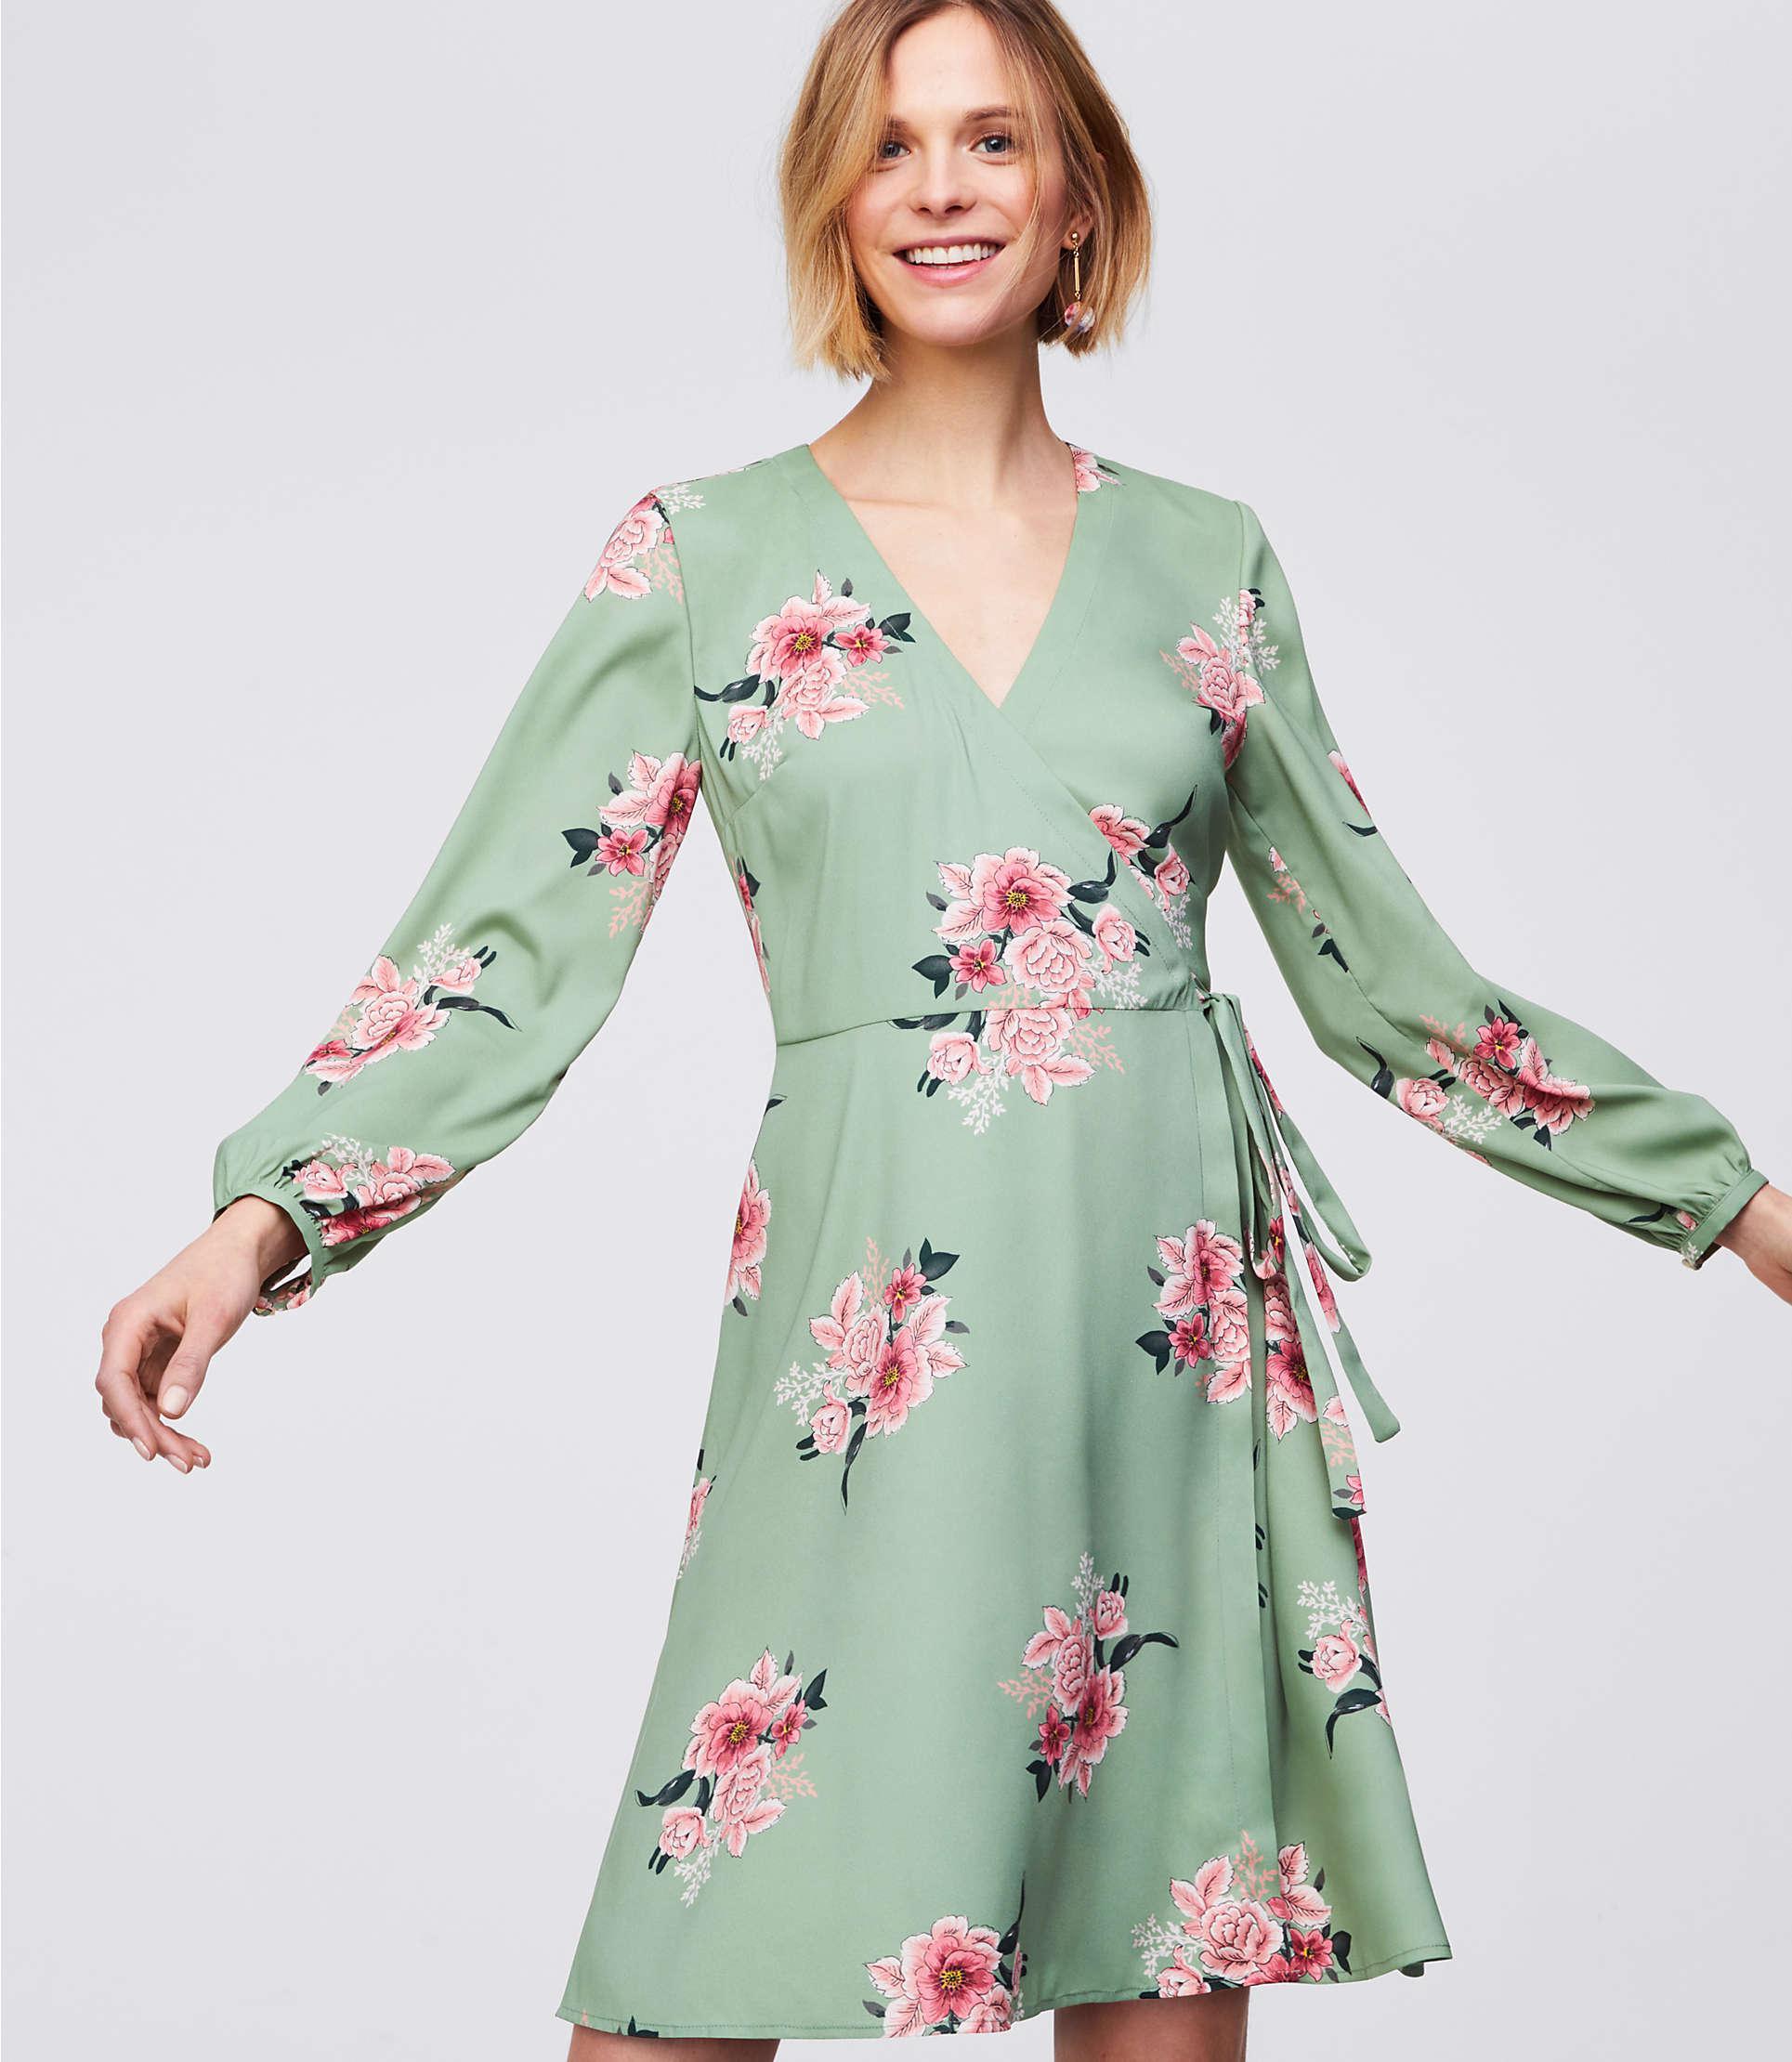 68533c29d4 LOFT Petite Bouquet Wrap Dress in Green - Lyst